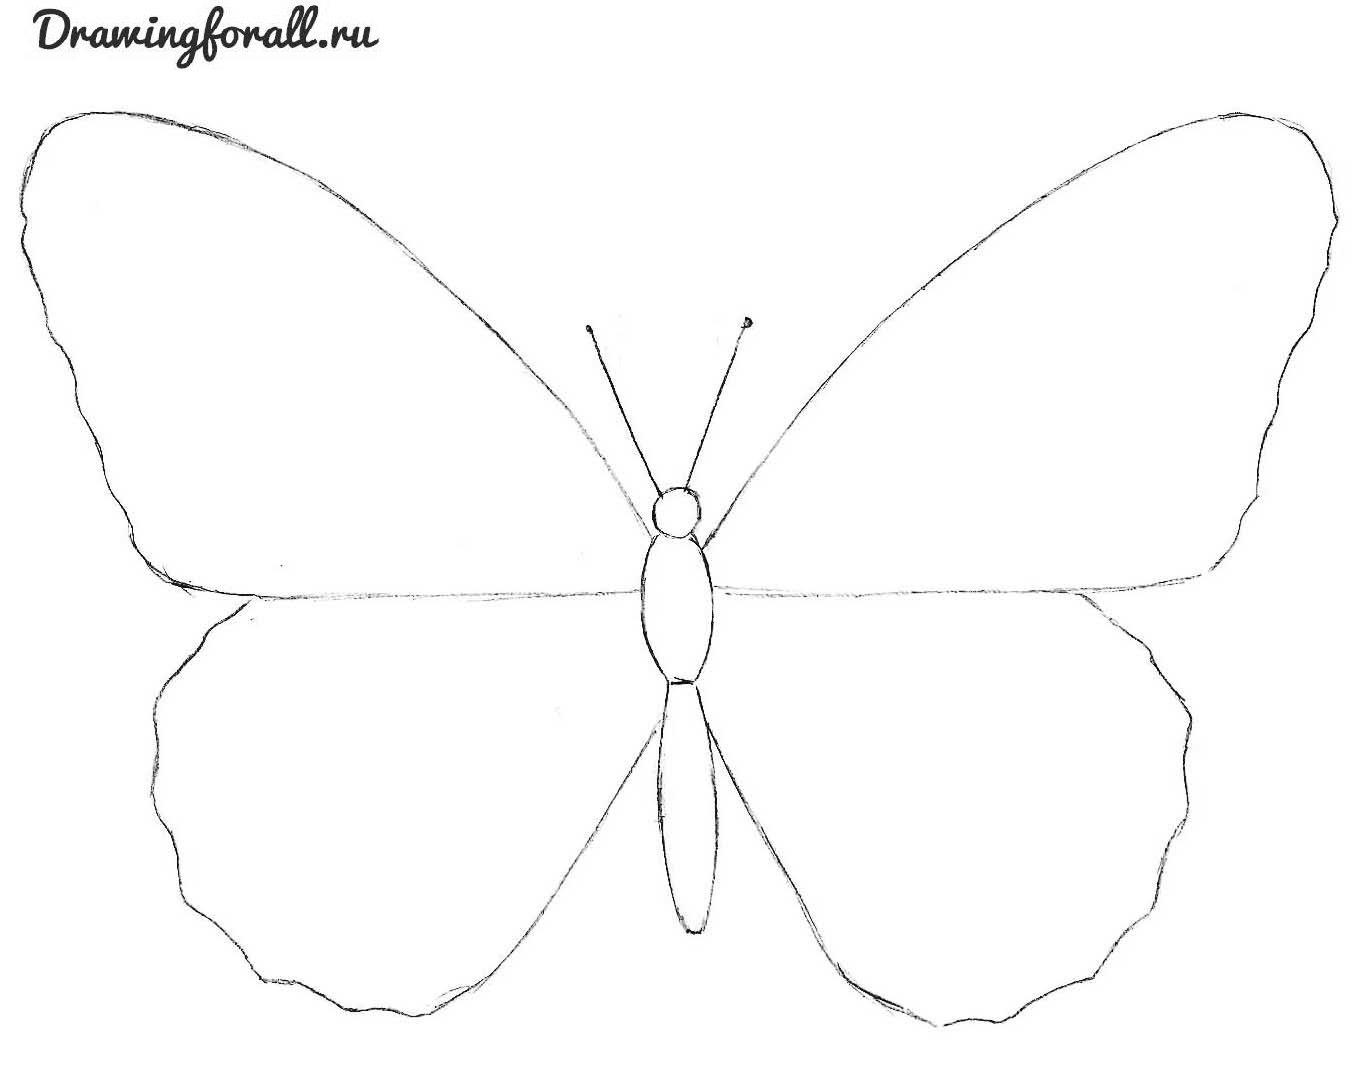 Как своими руками сделать бабочку нарисовать 17